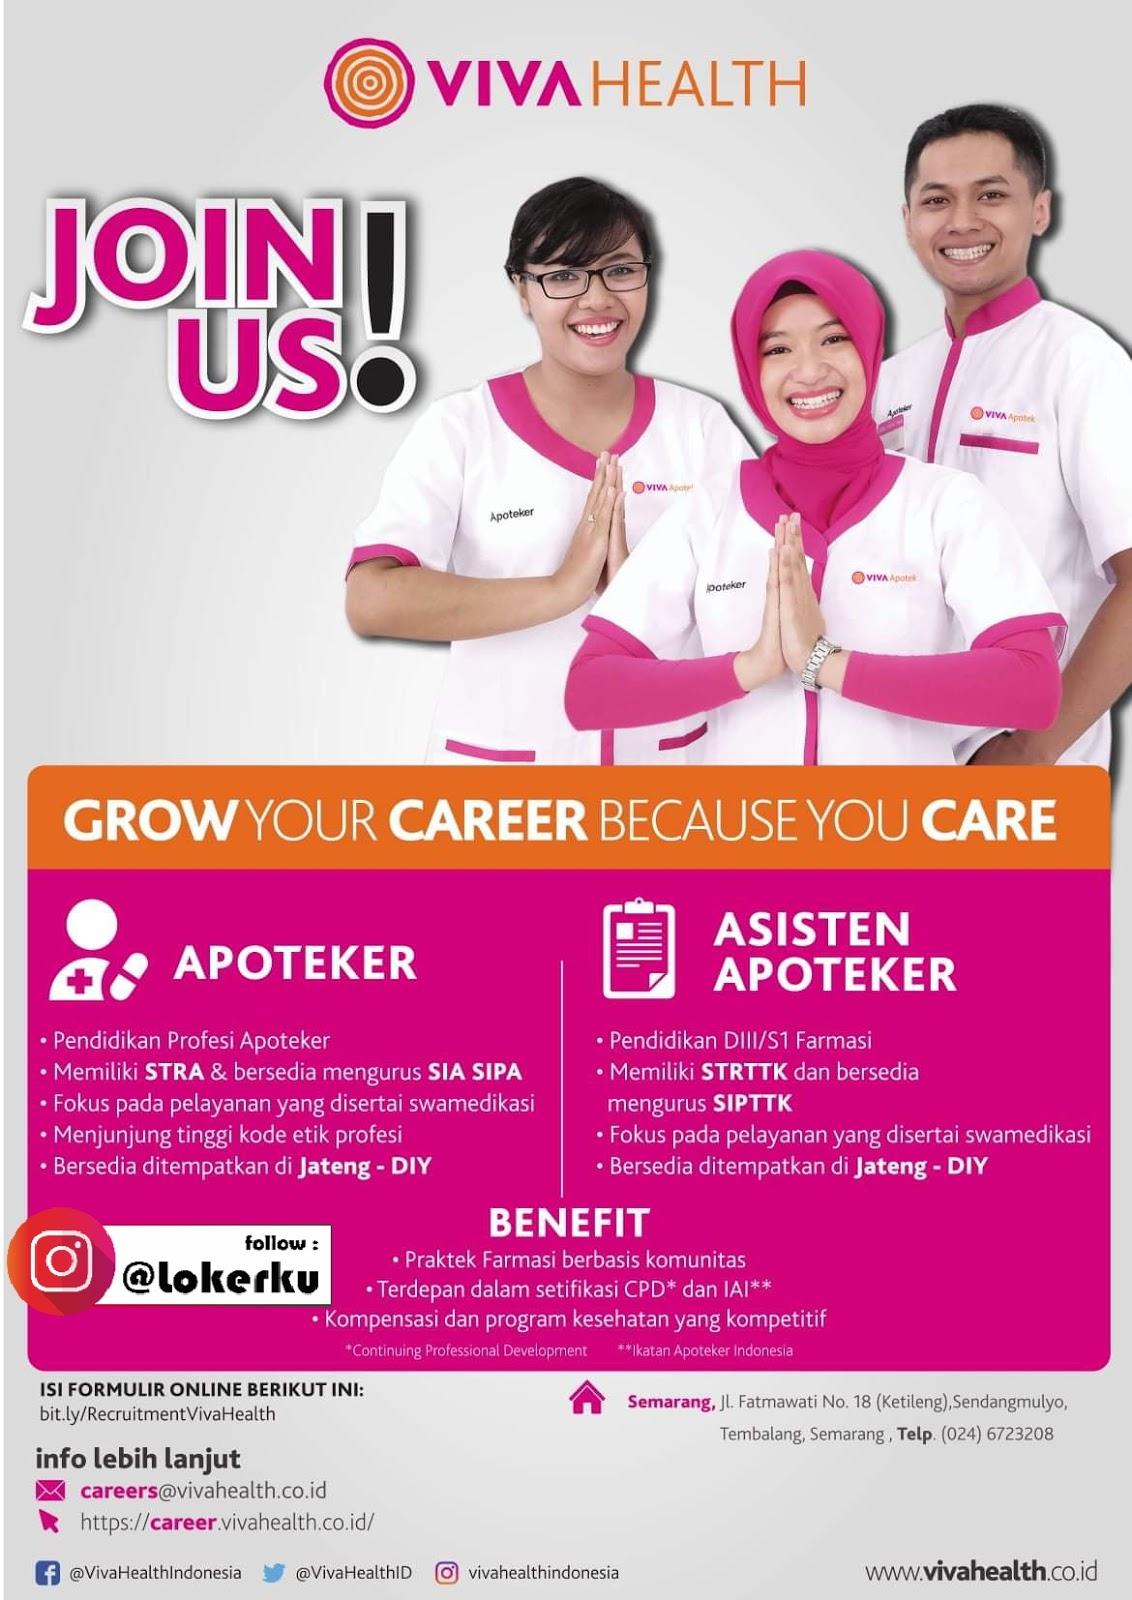 Lowongan Kerja Apoteker Asisten Apoteker Di Viva Health Jawa Tengah Diy Lowongan Kerja Kudus Terbaru 2021